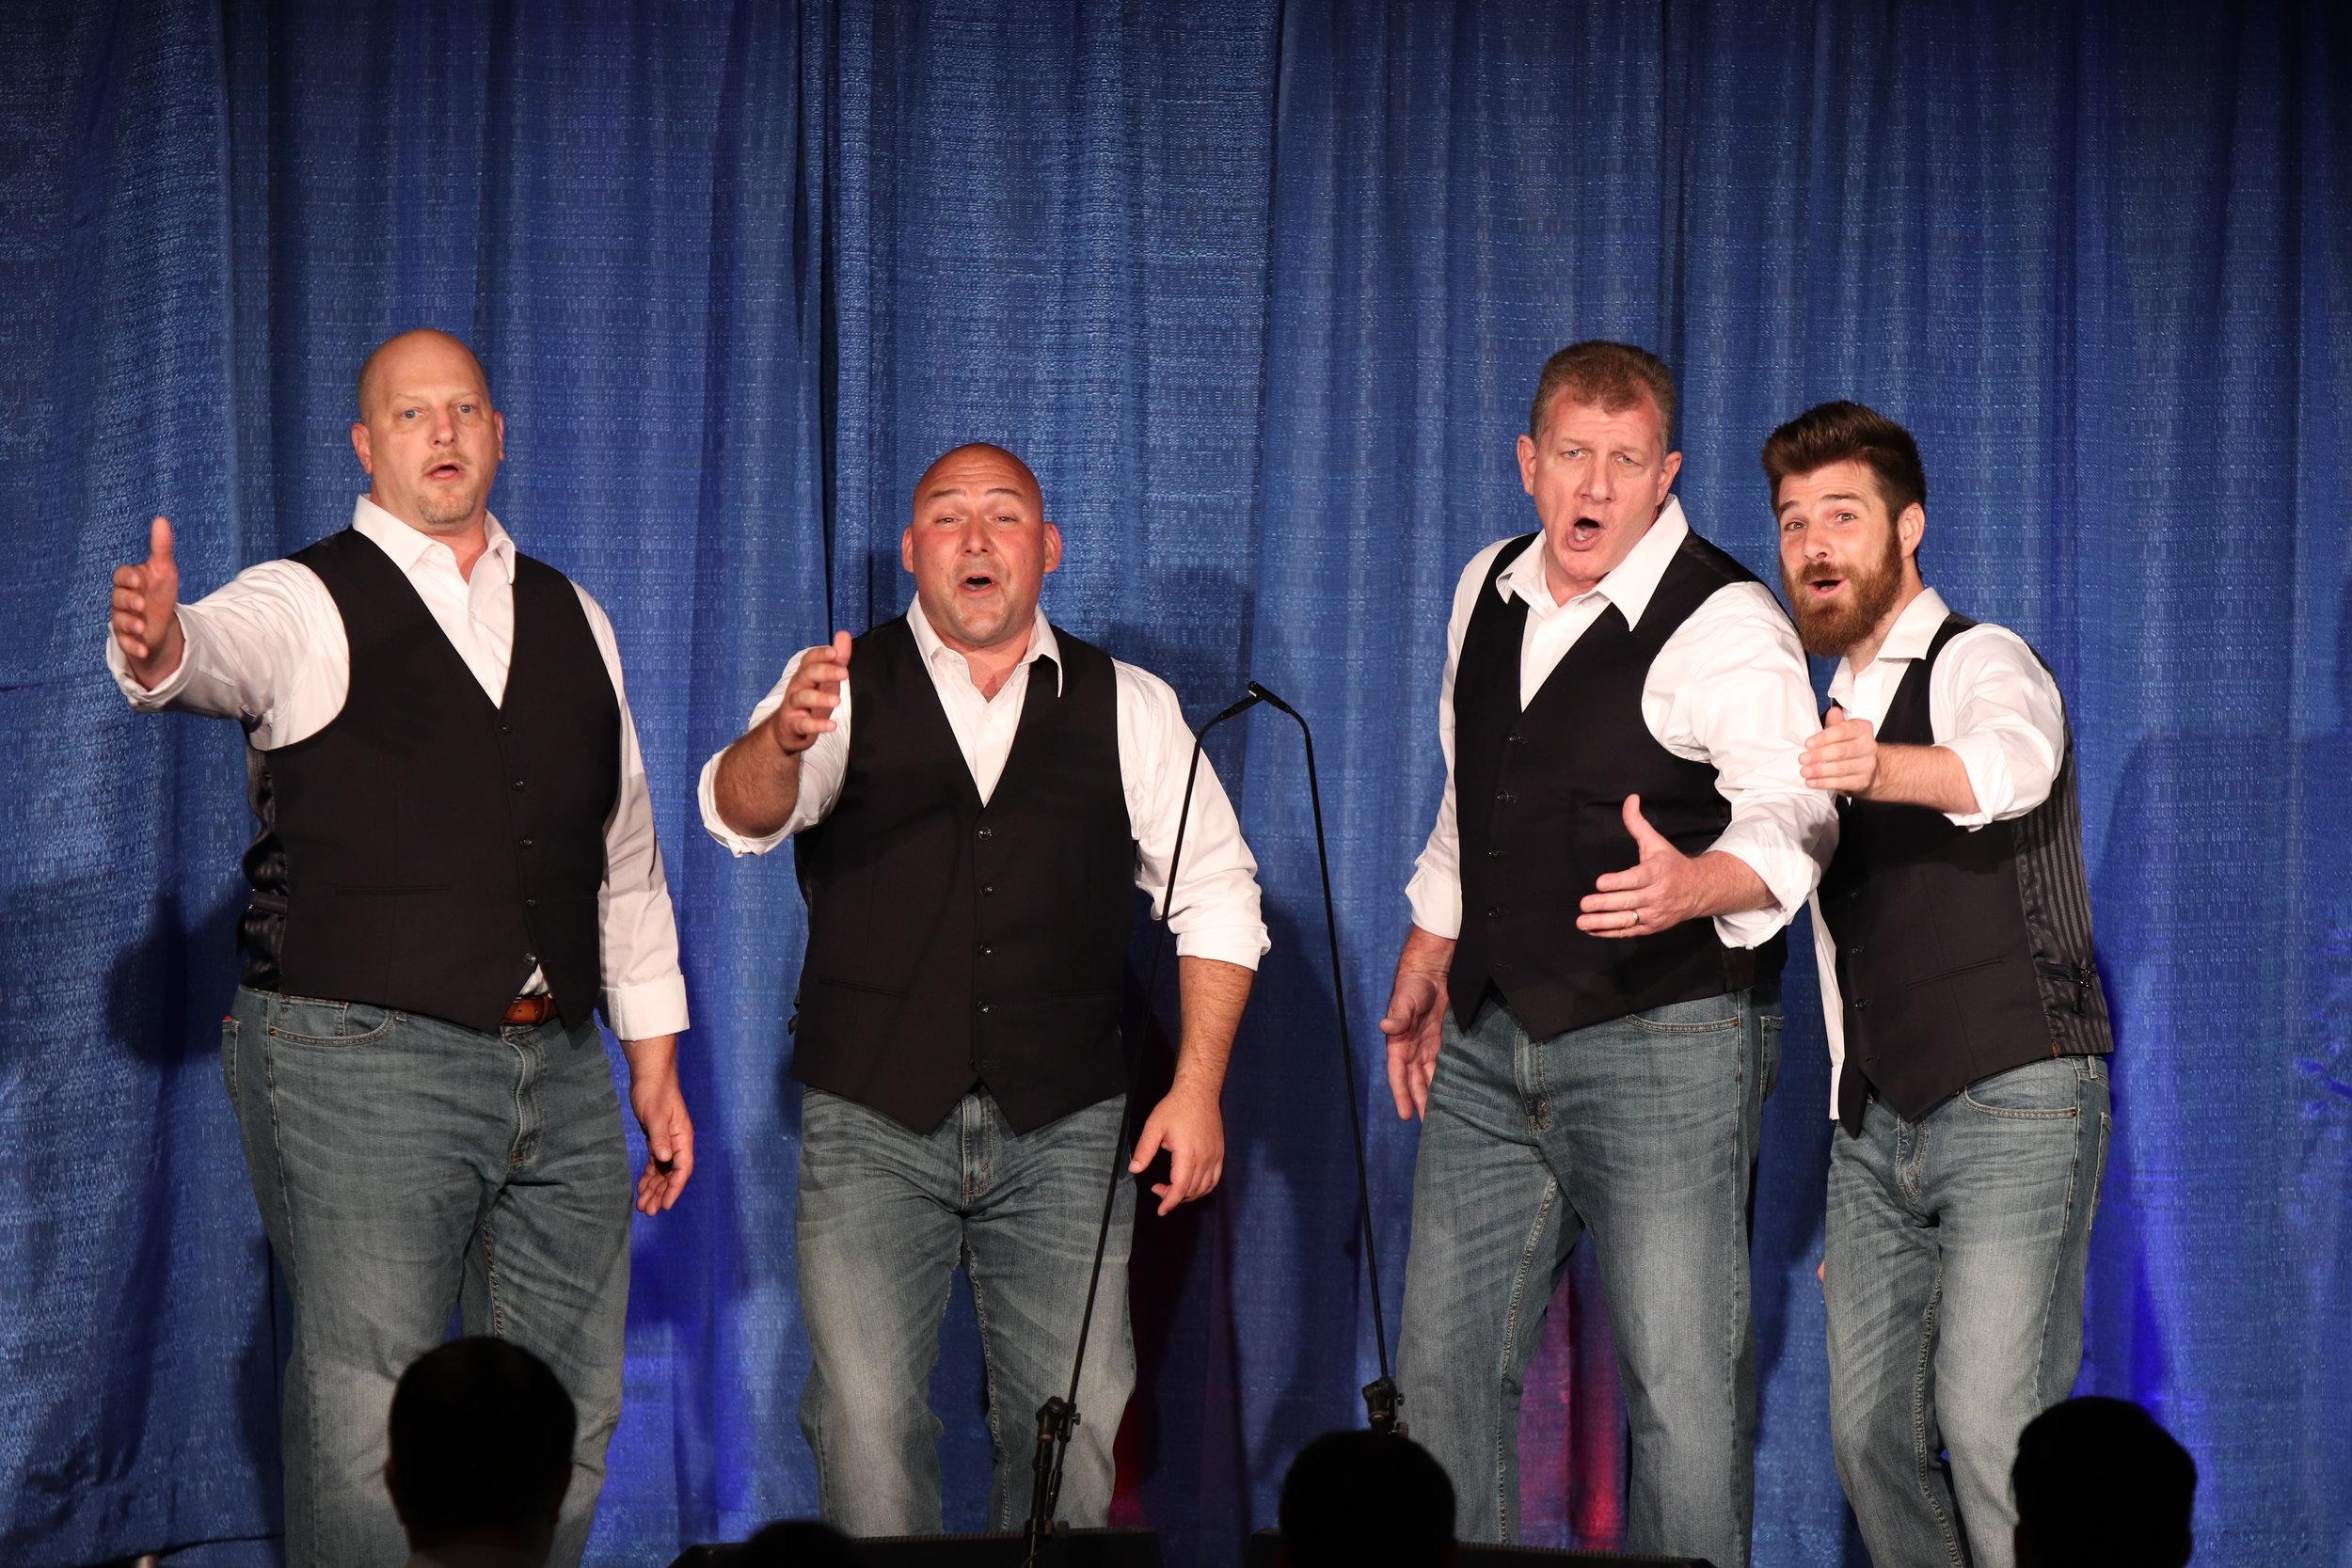 Chordial quartet